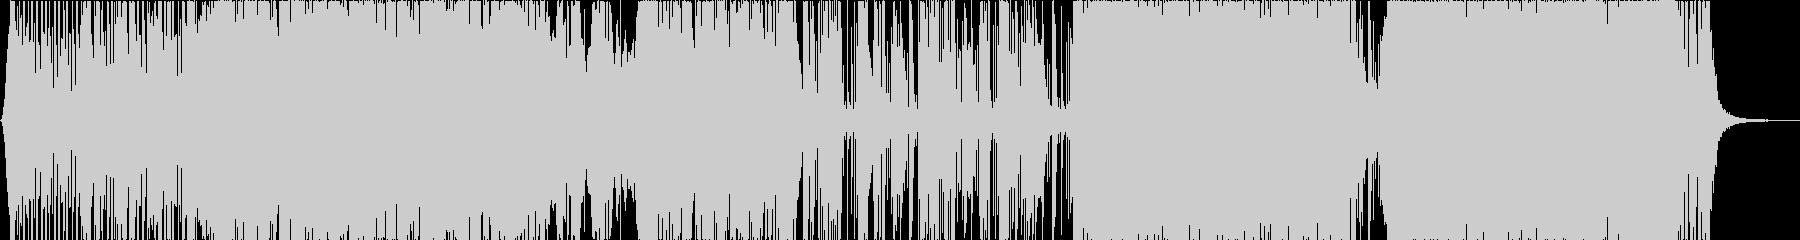 神秘と幻想のエレクトリックなBGMの未再生の波形